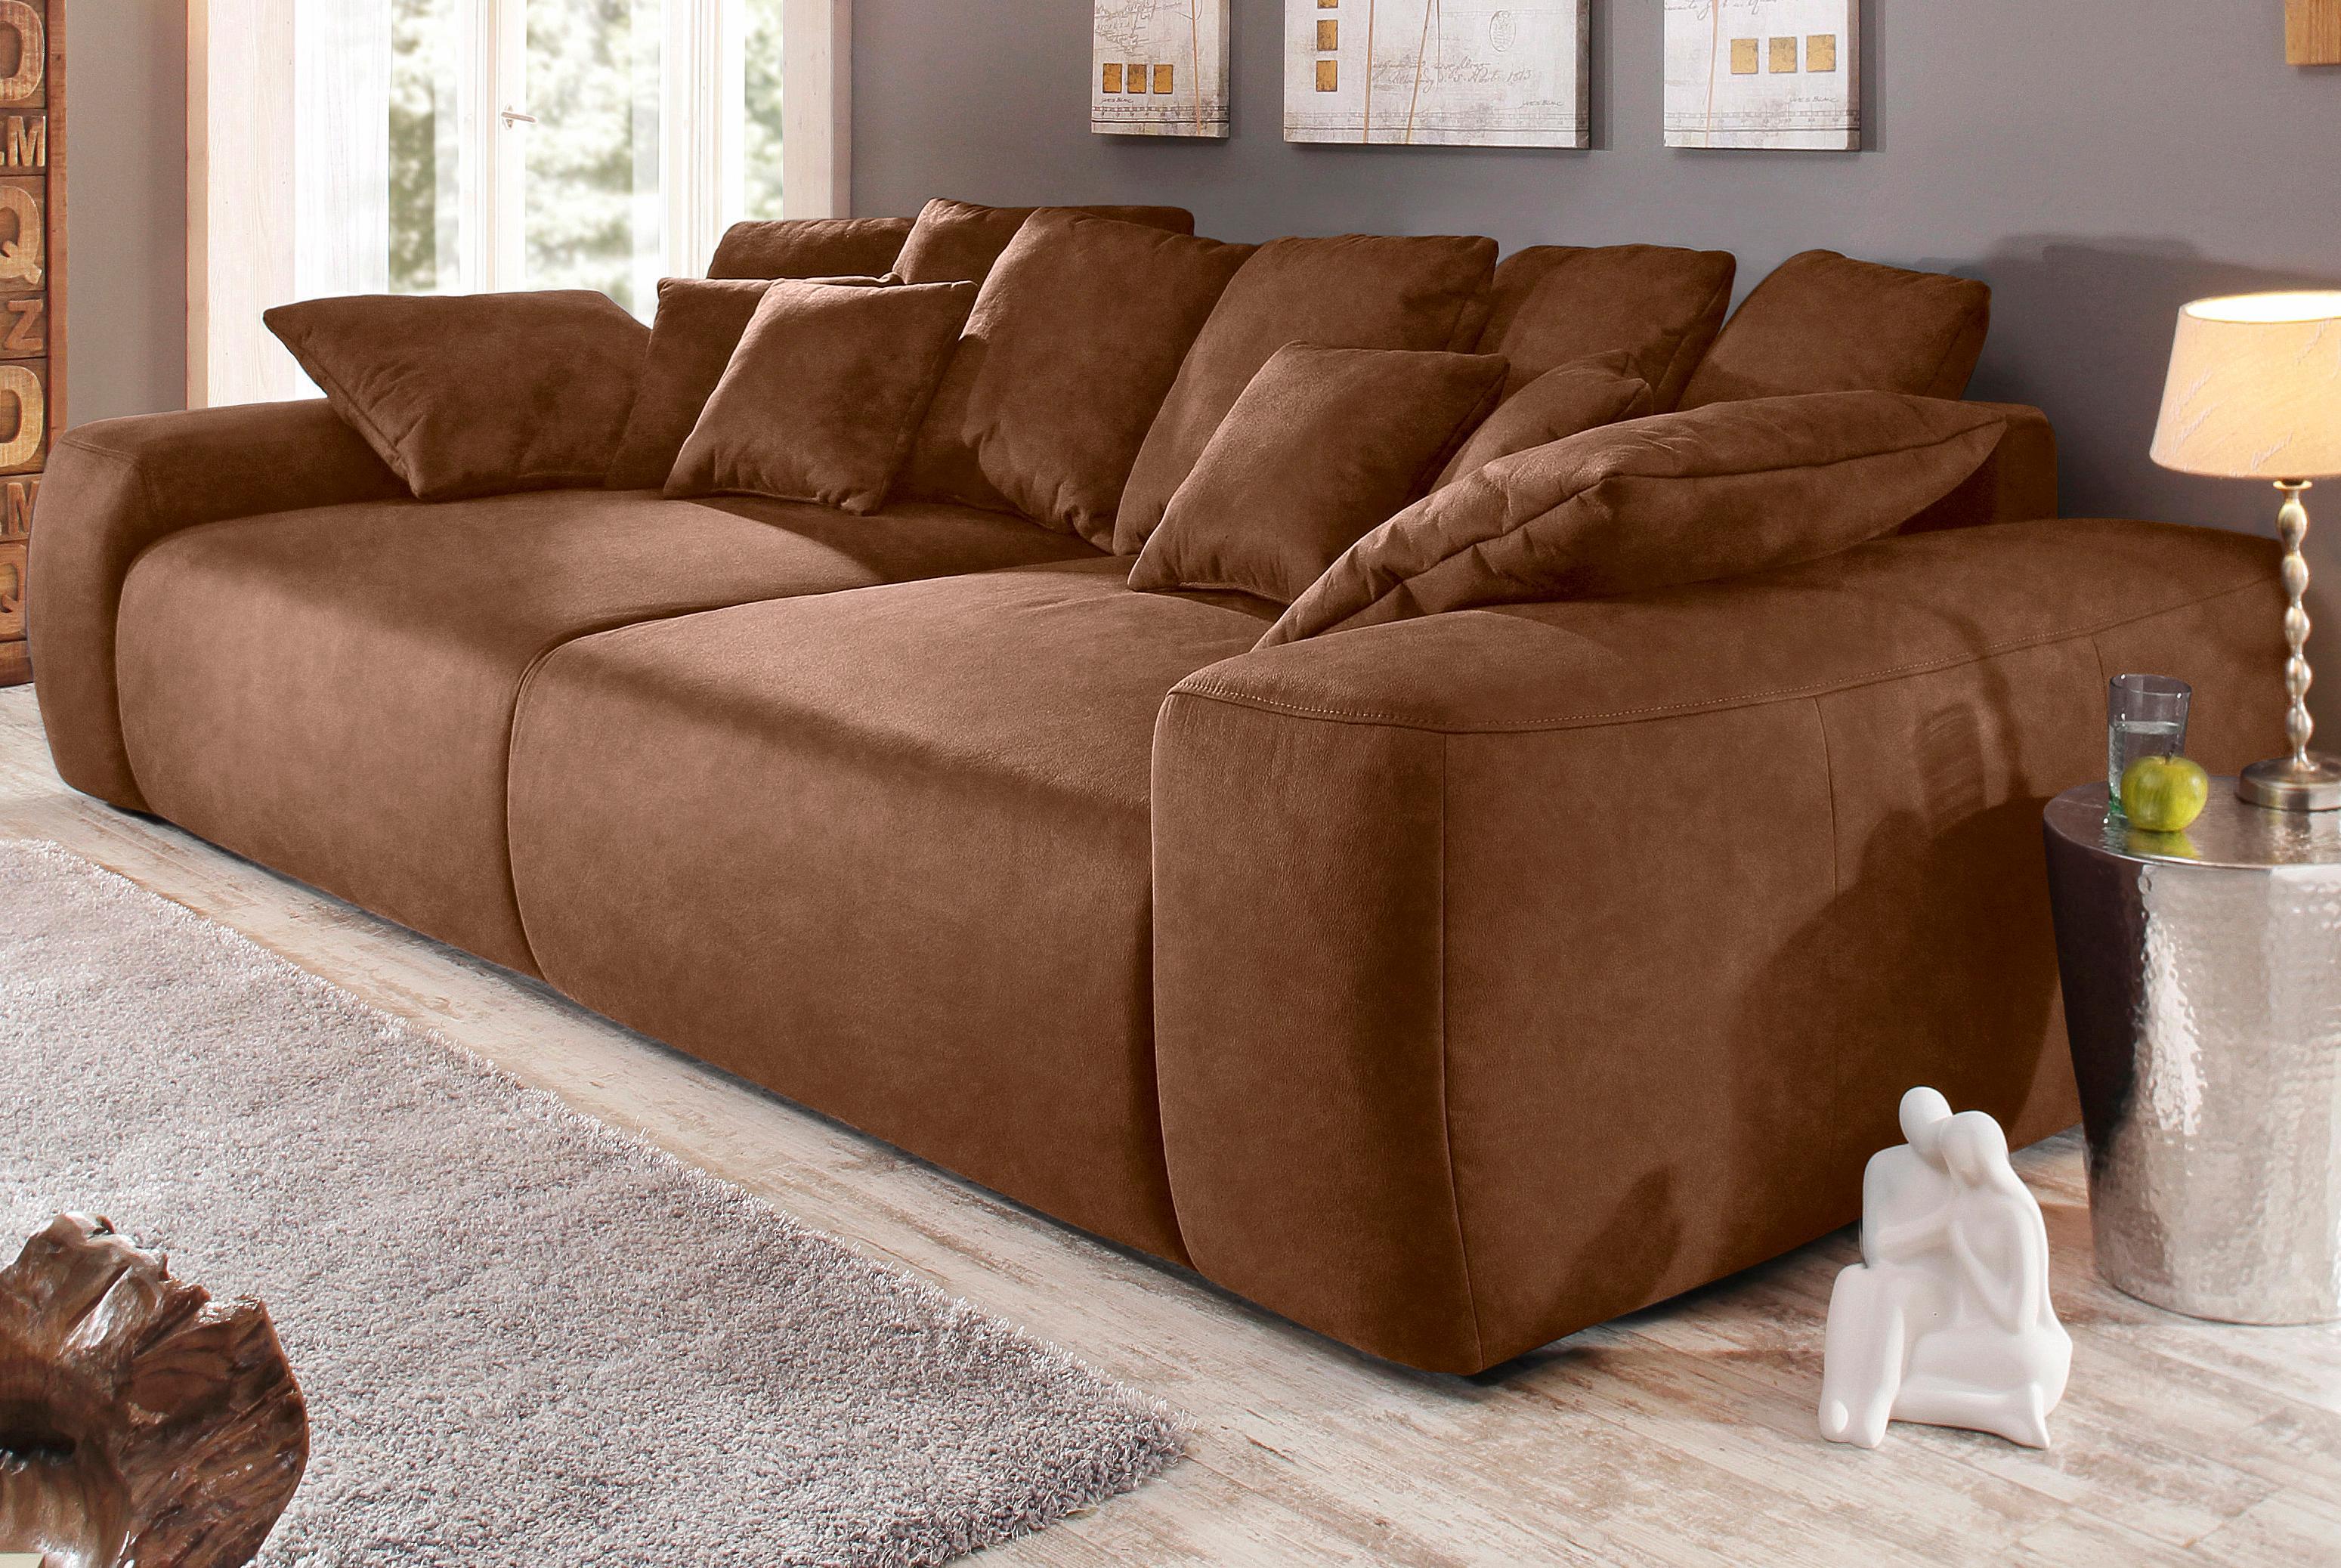 Home affaire Big-Sofa